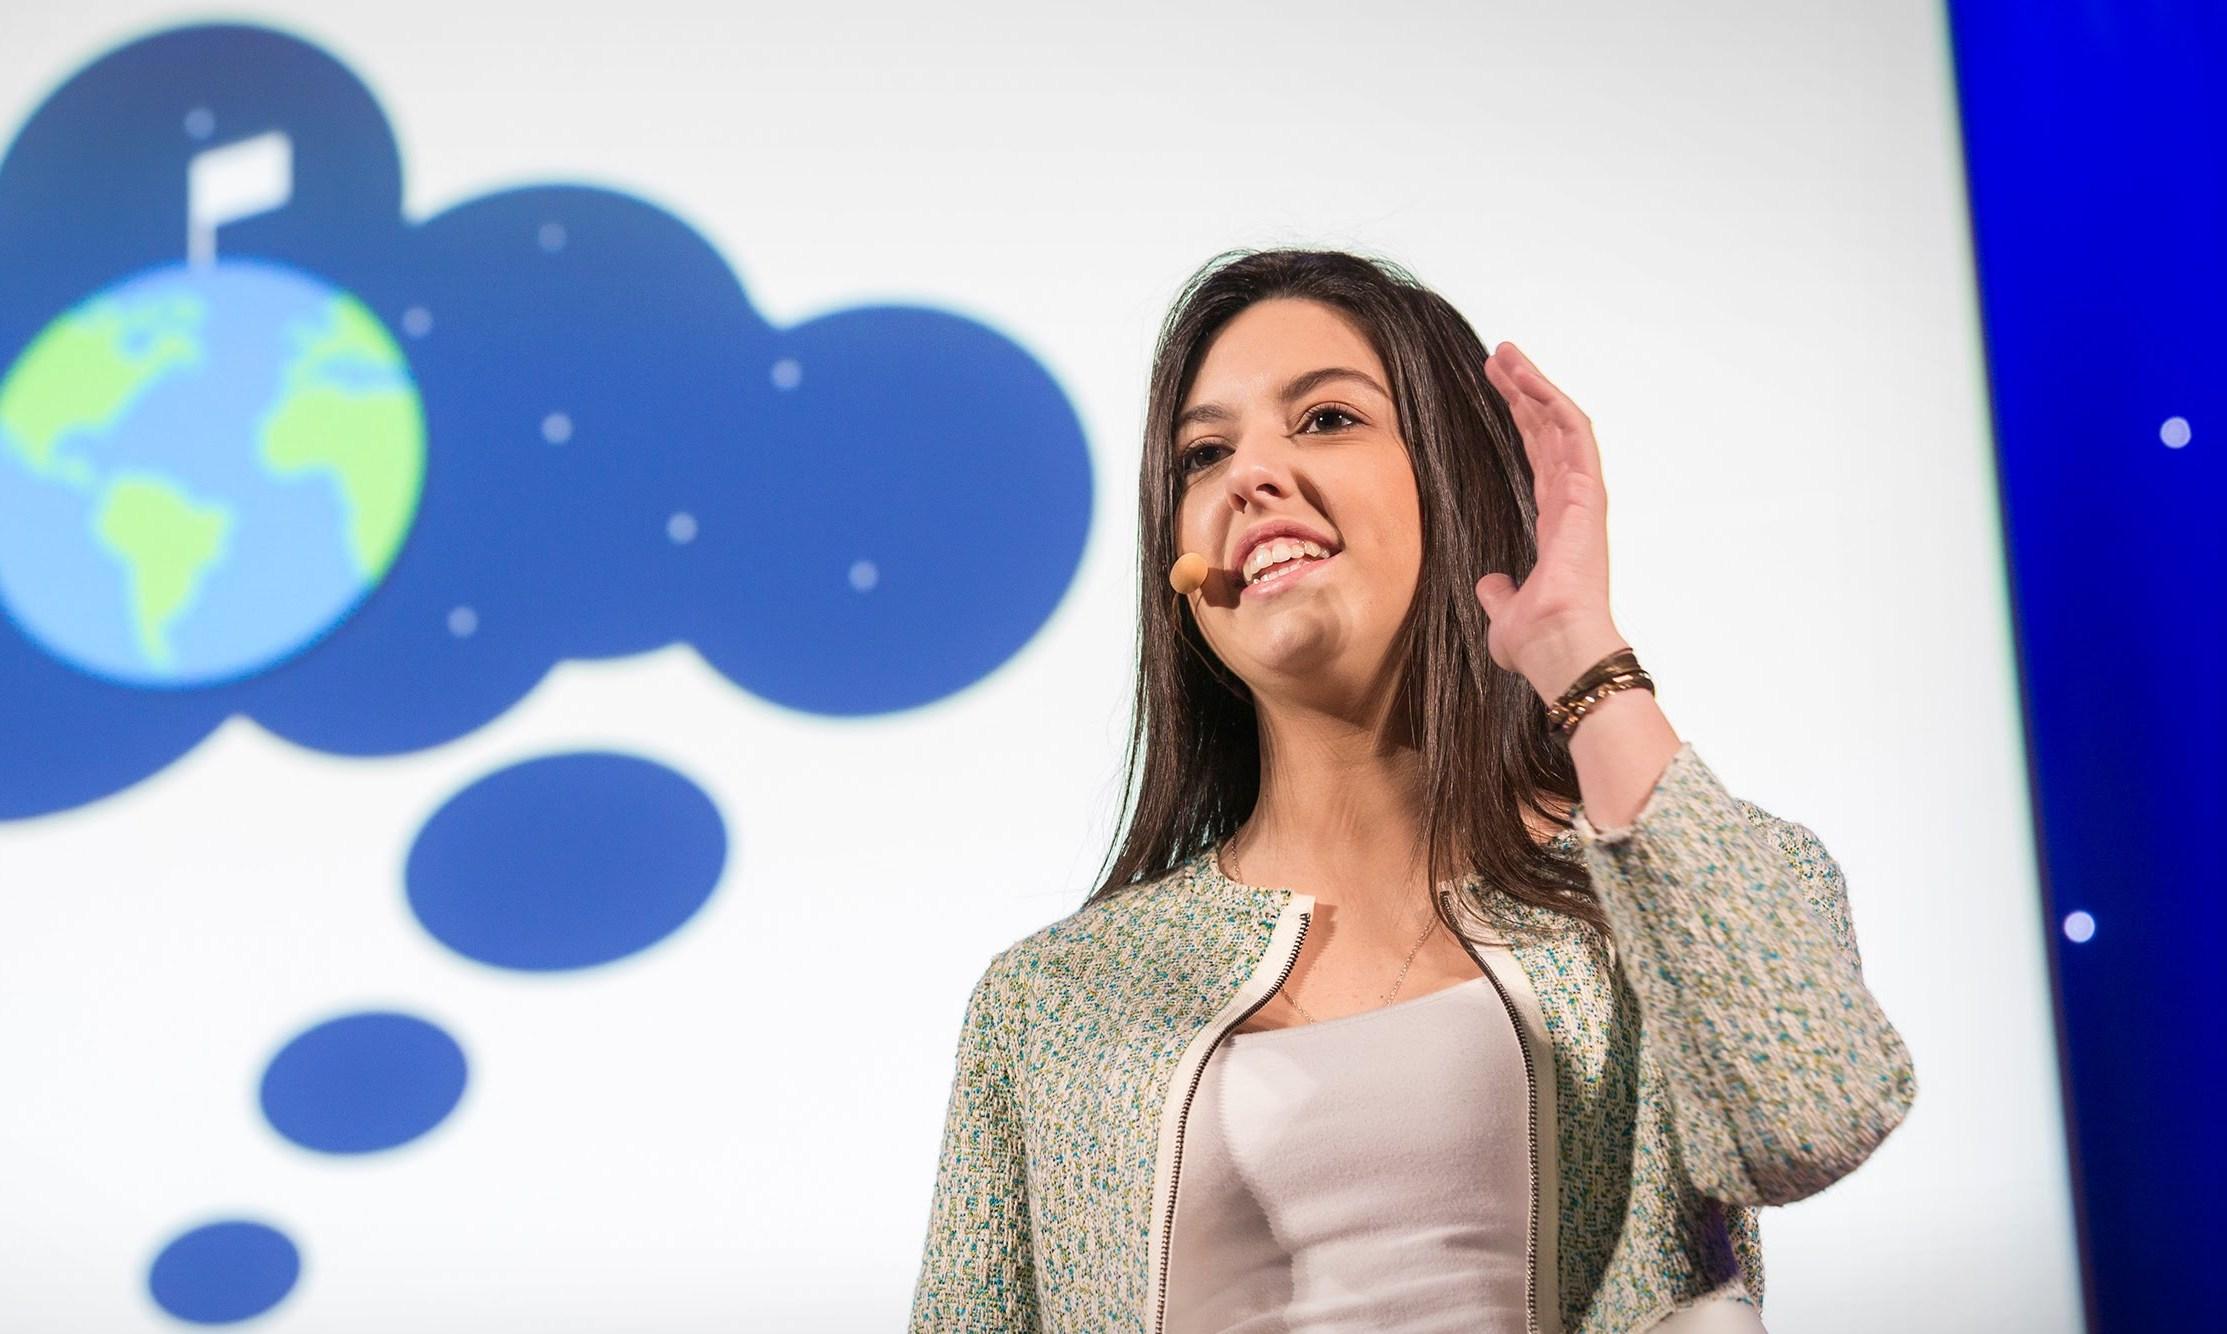 失敗を他人のせいにしない。女性起業家が語る「夢を台無しにする5つの考え方」。